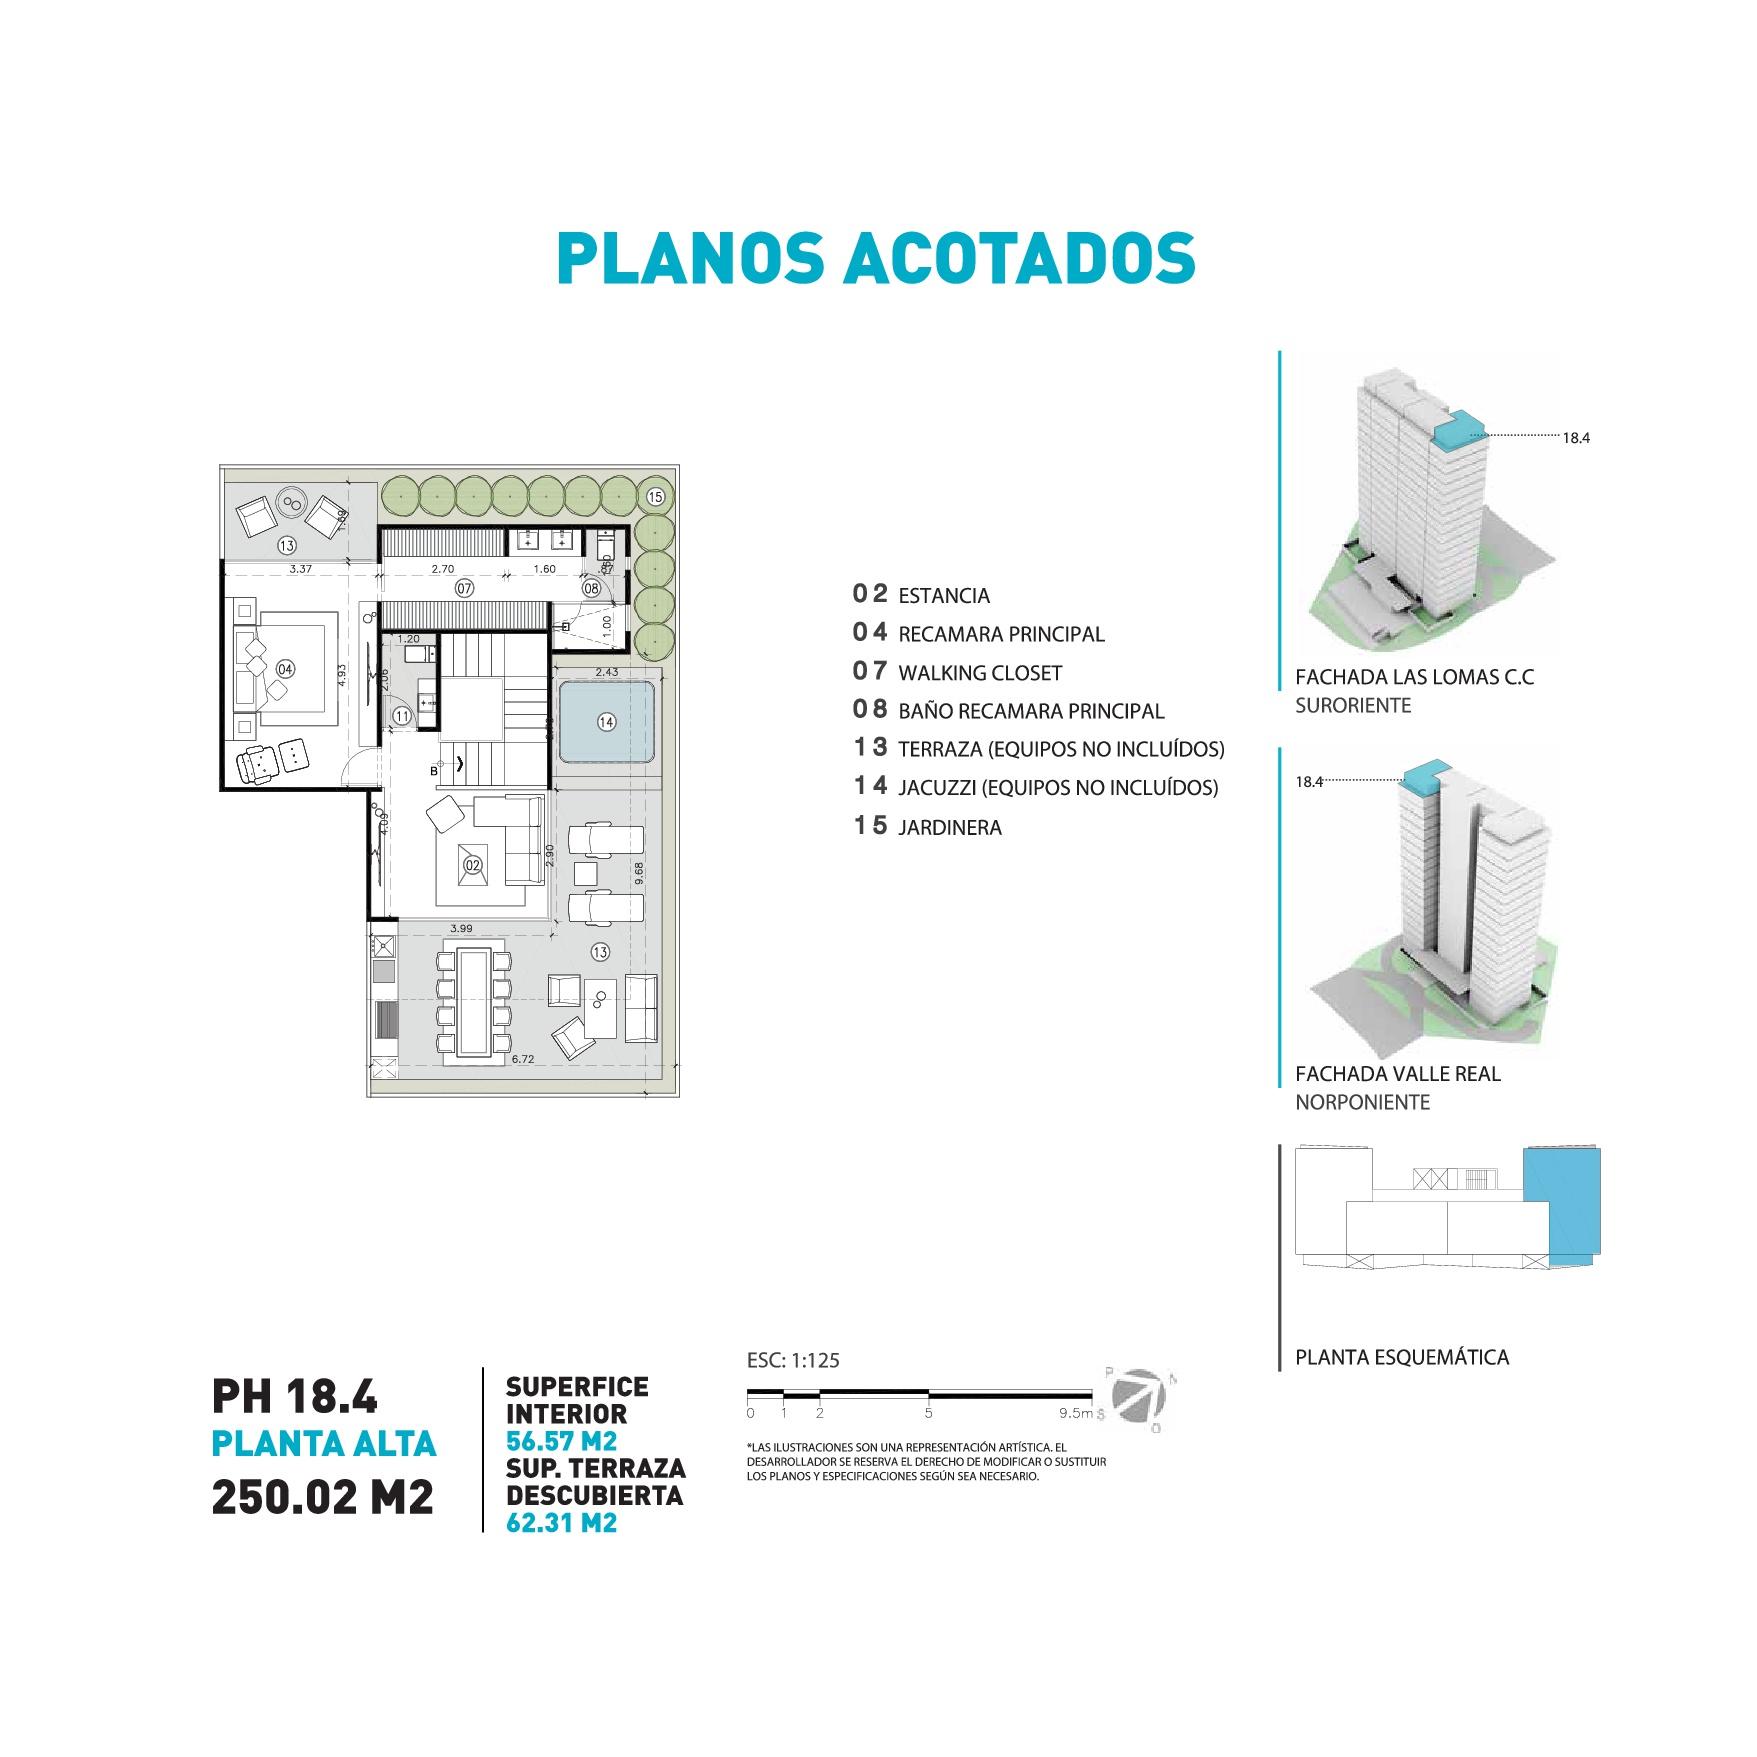 ADANA_047.jpg